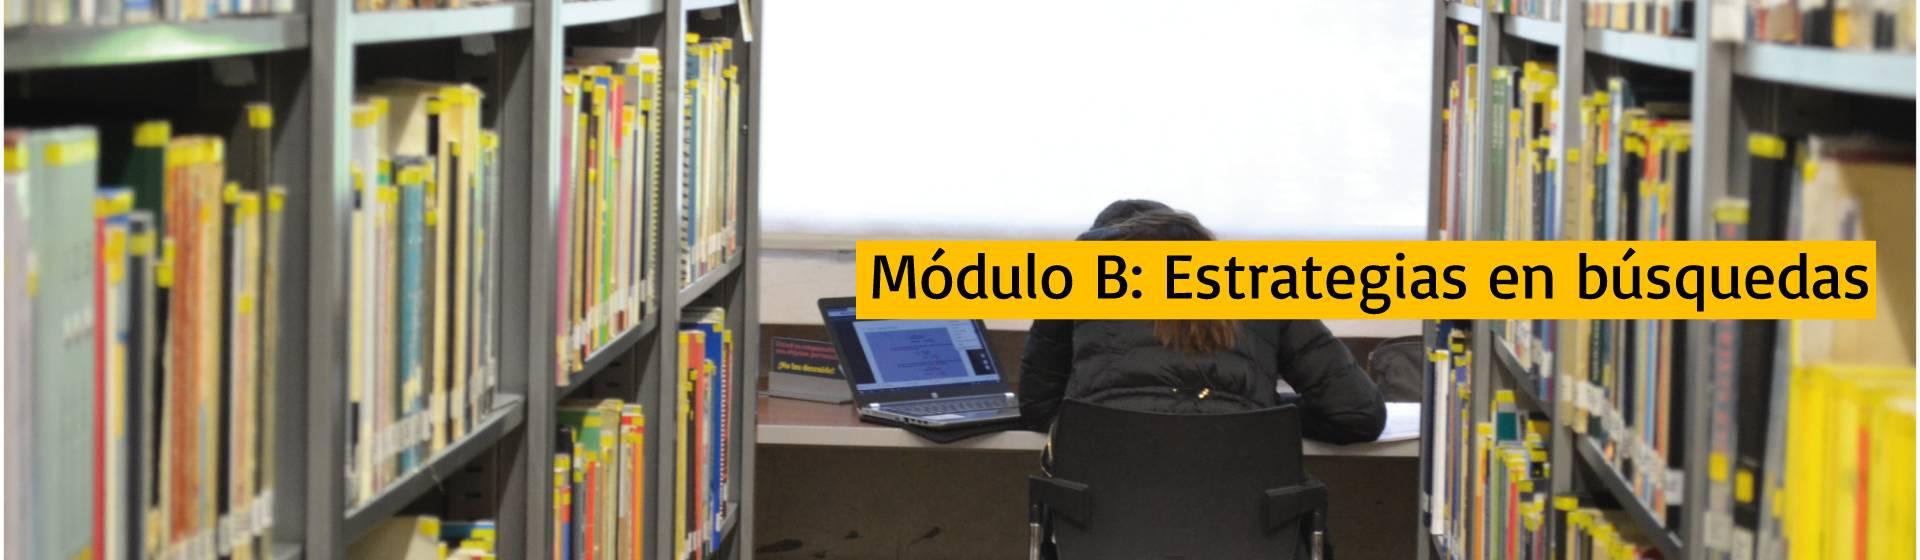 Módulo B: Estrategias en búsquedas de información | Uniandes